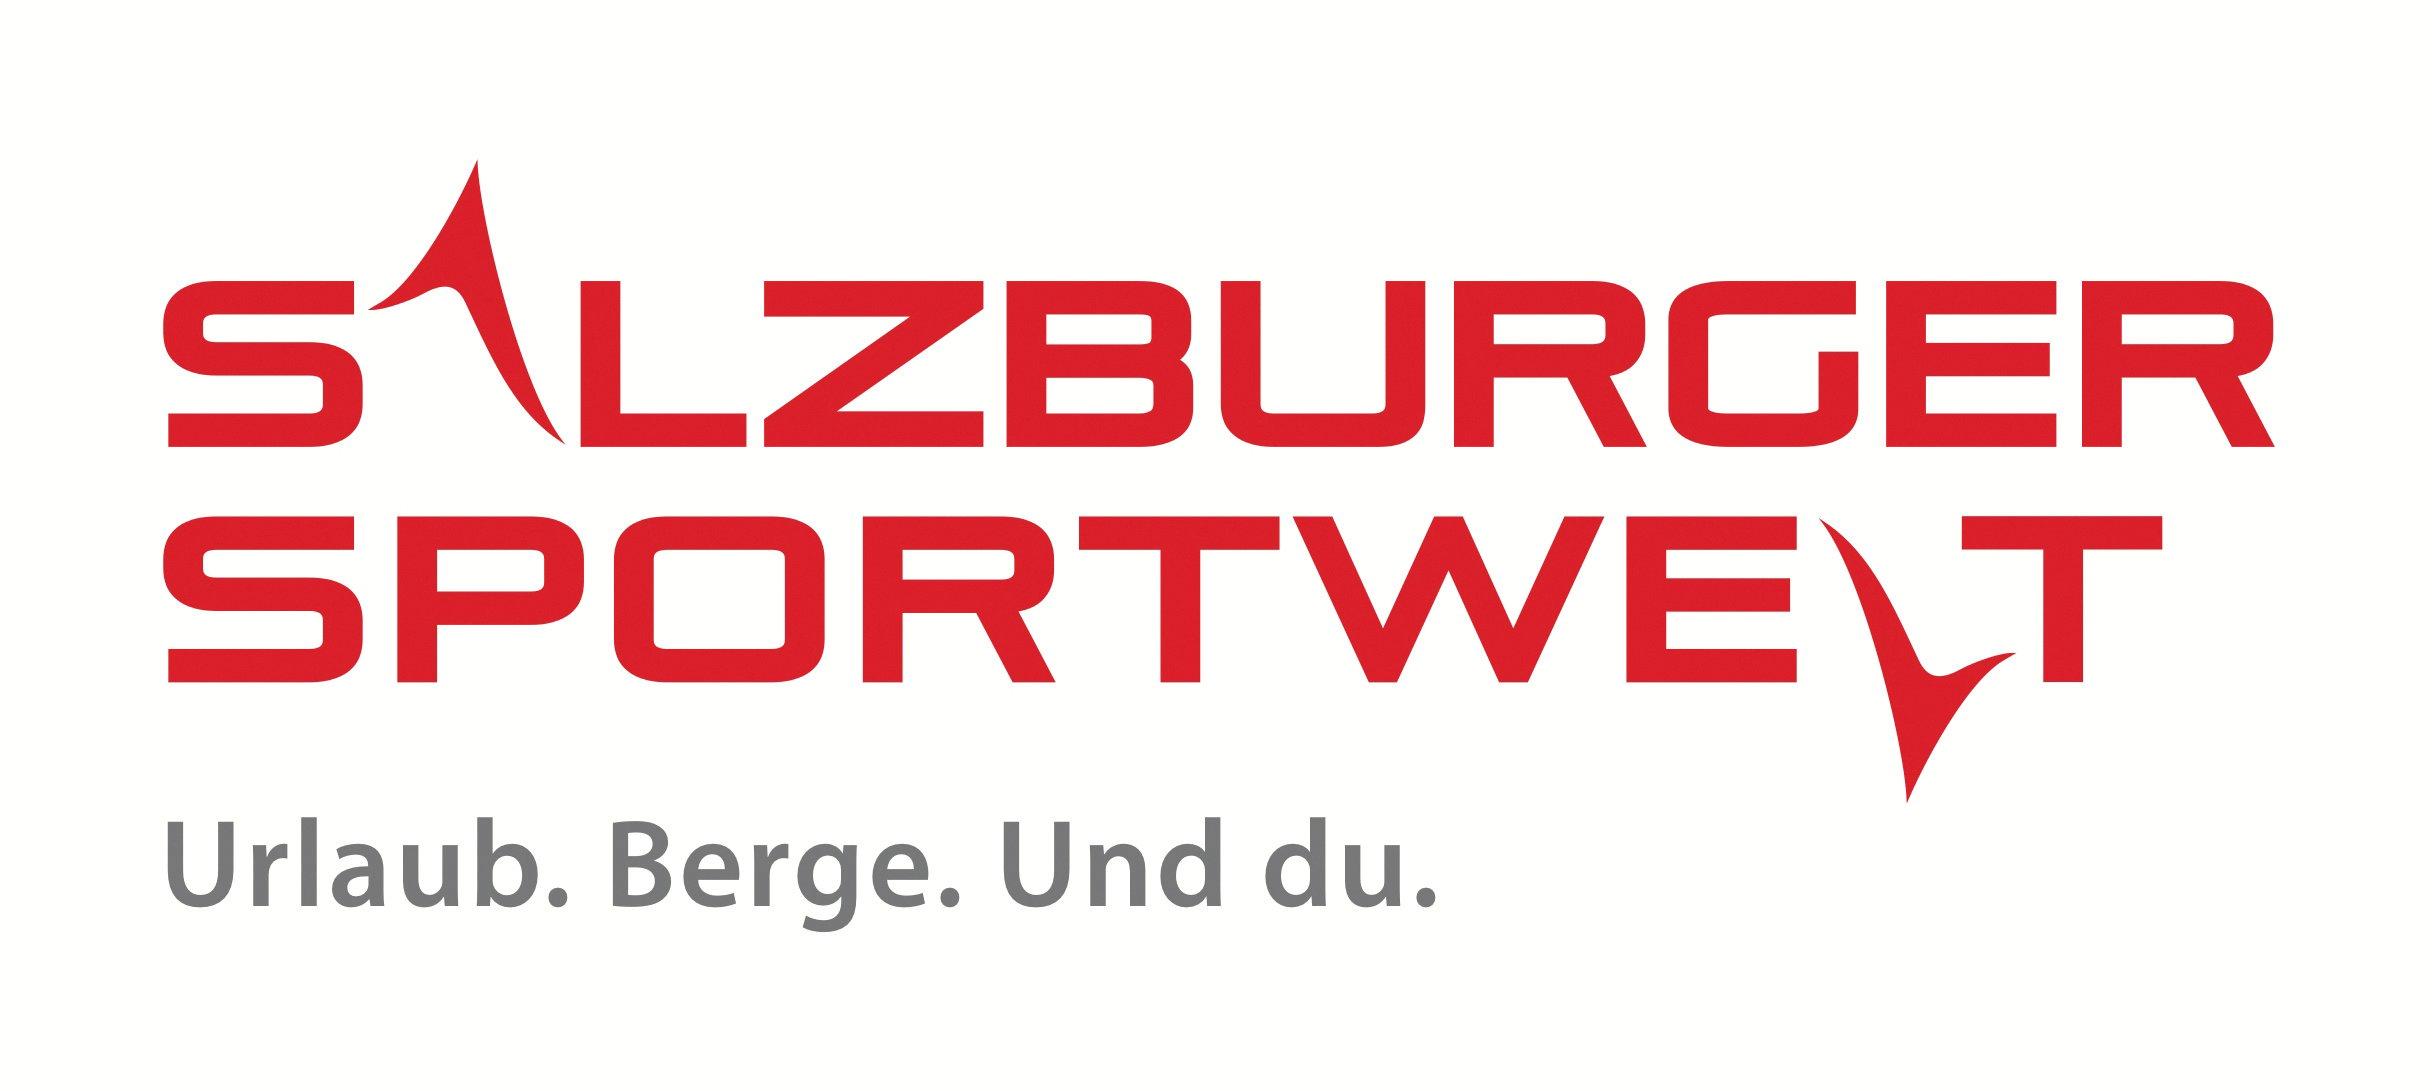 Salzburgersportwelt 2012 mit Claim-1